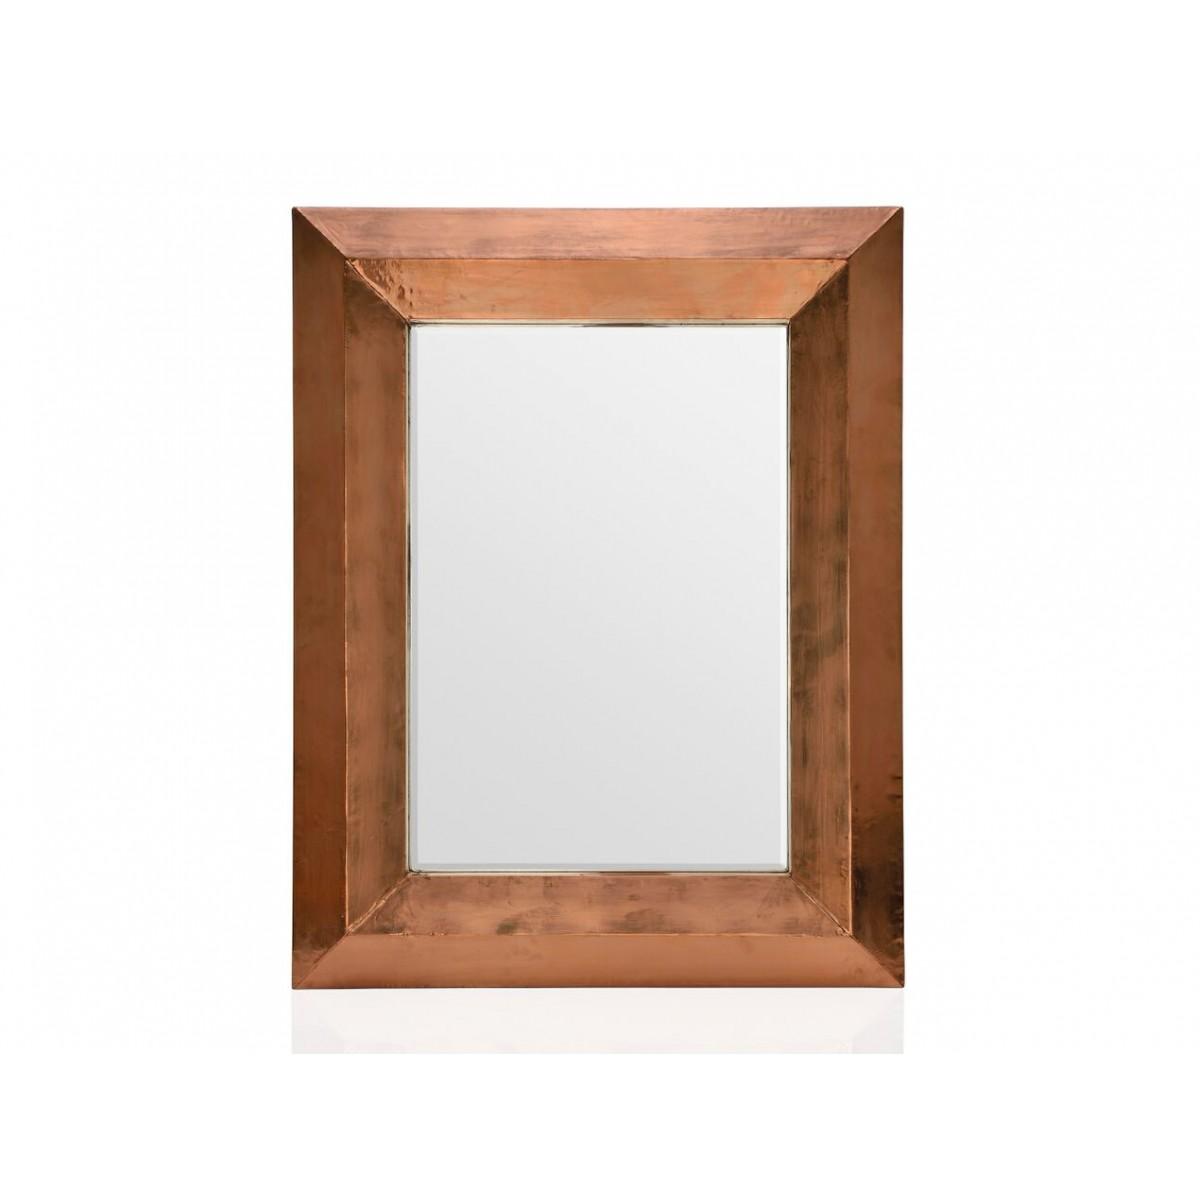 Inwood miroir mural rectangulaire en cuivre 70 x 90 cm for Miroir murale rectangulaire